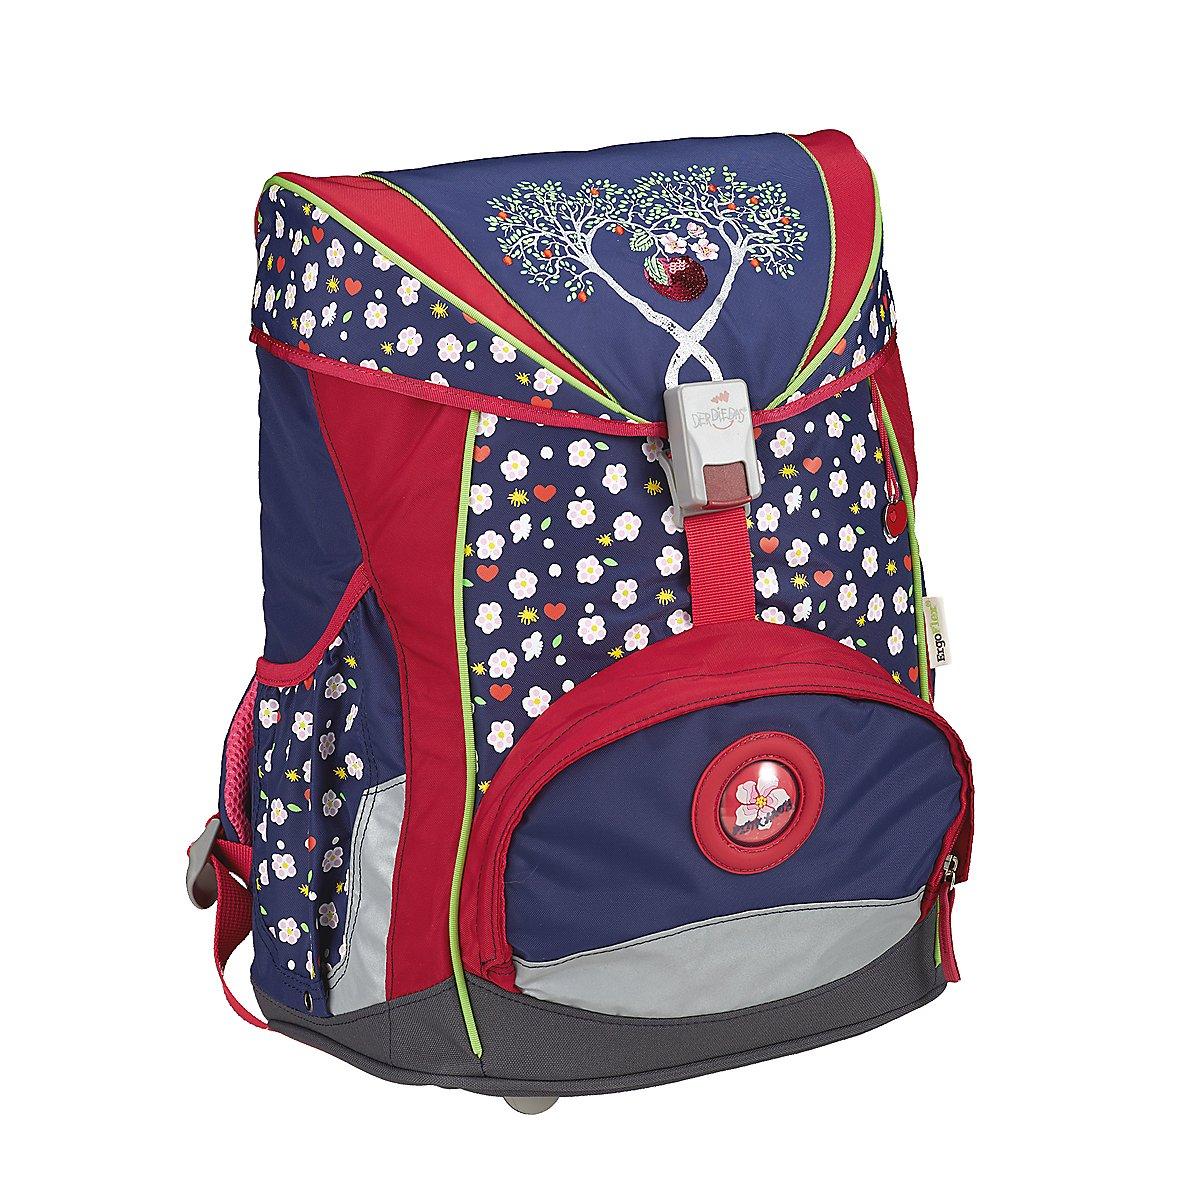 Artikel klicken und genauer betrachten! - Innentasche / Inneneinteilung - Auf dem Rücken tragbar - In der Hand tragbar - Außentasche(n) - Nylon - Bunt - Lila - Pink / Rosa - Rot - Blau - | im Online Shop kaufen